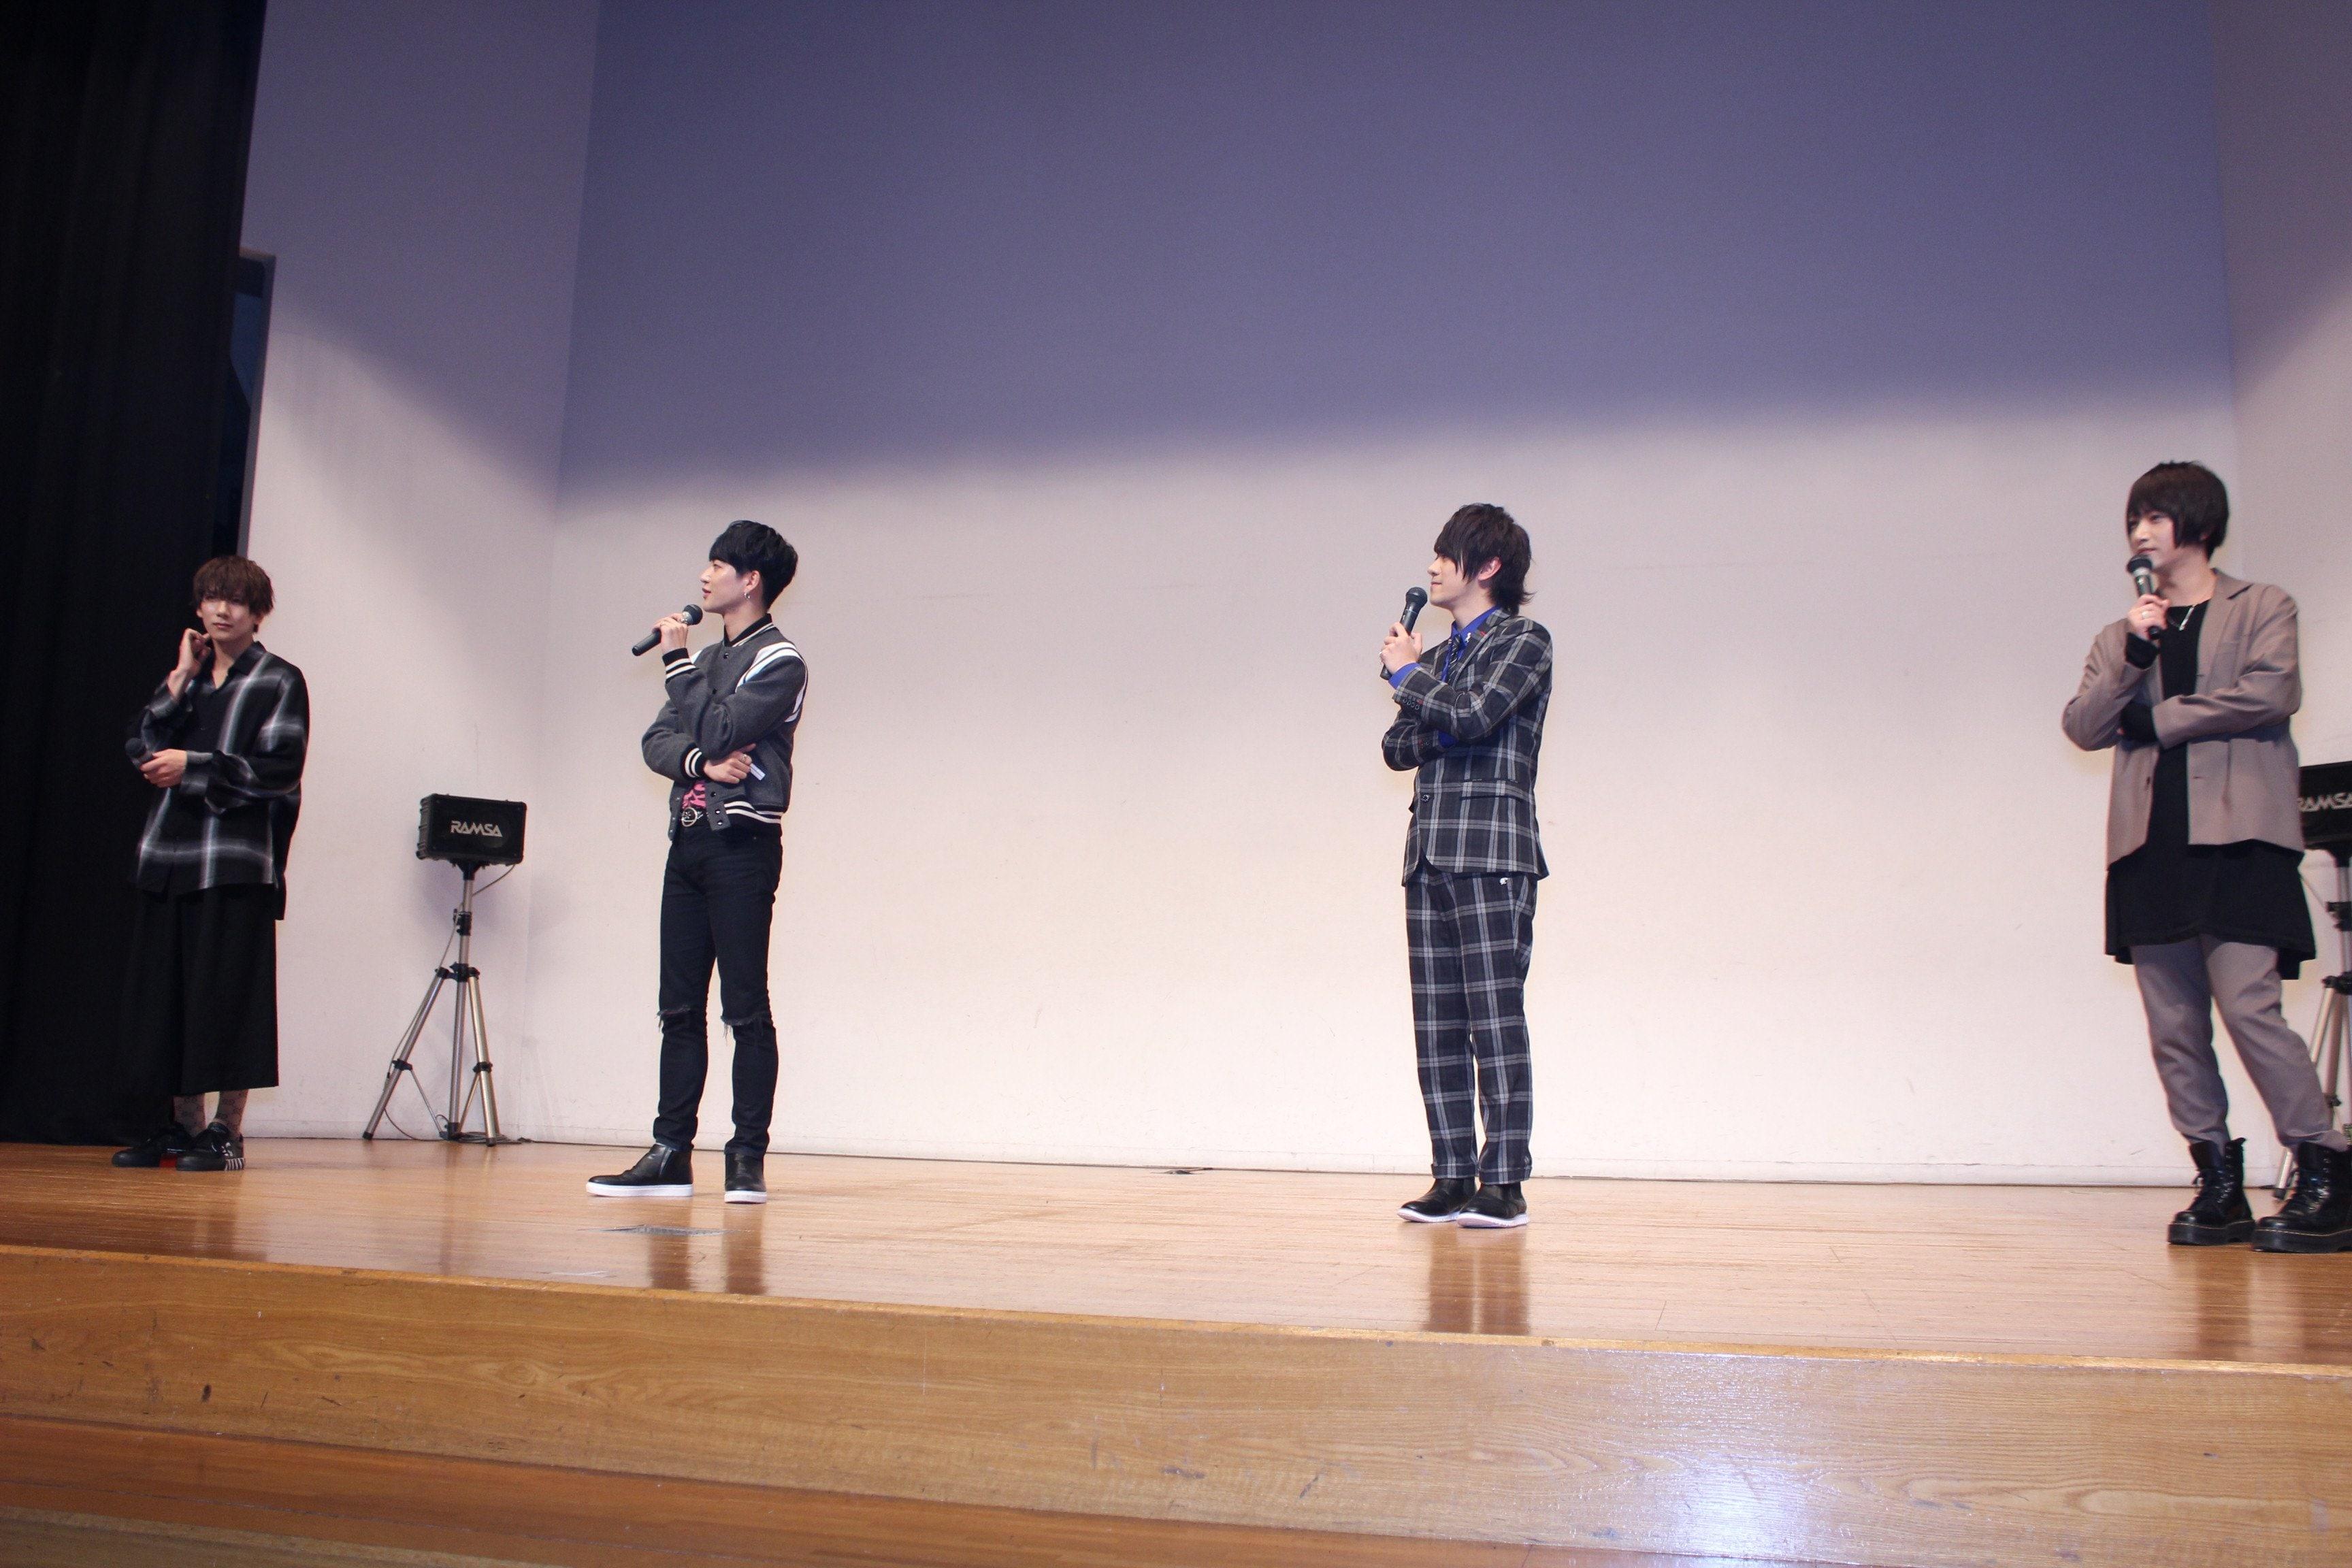 松田岳、三山凌輝、笹翼、秋葉友佑ら登場、映画『縁側ラヴァーズ』 完成イベント開催の画像008